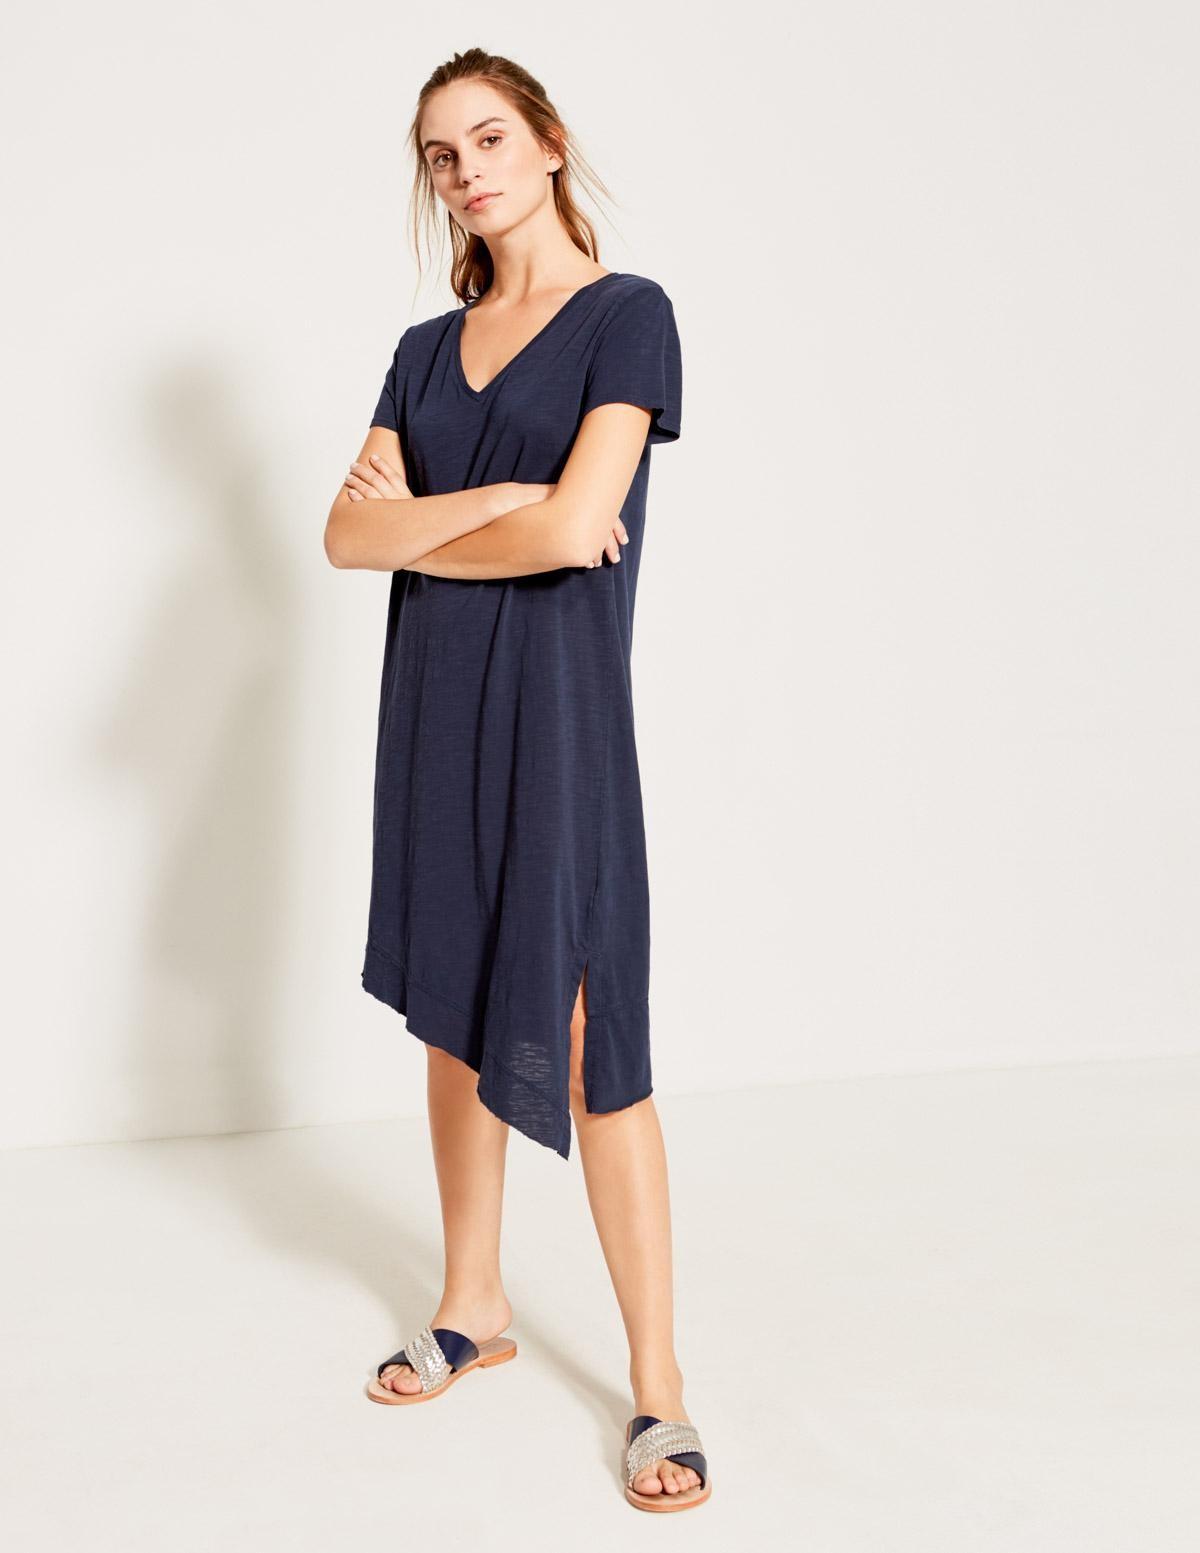 Vestido asimétrico - Ítem1